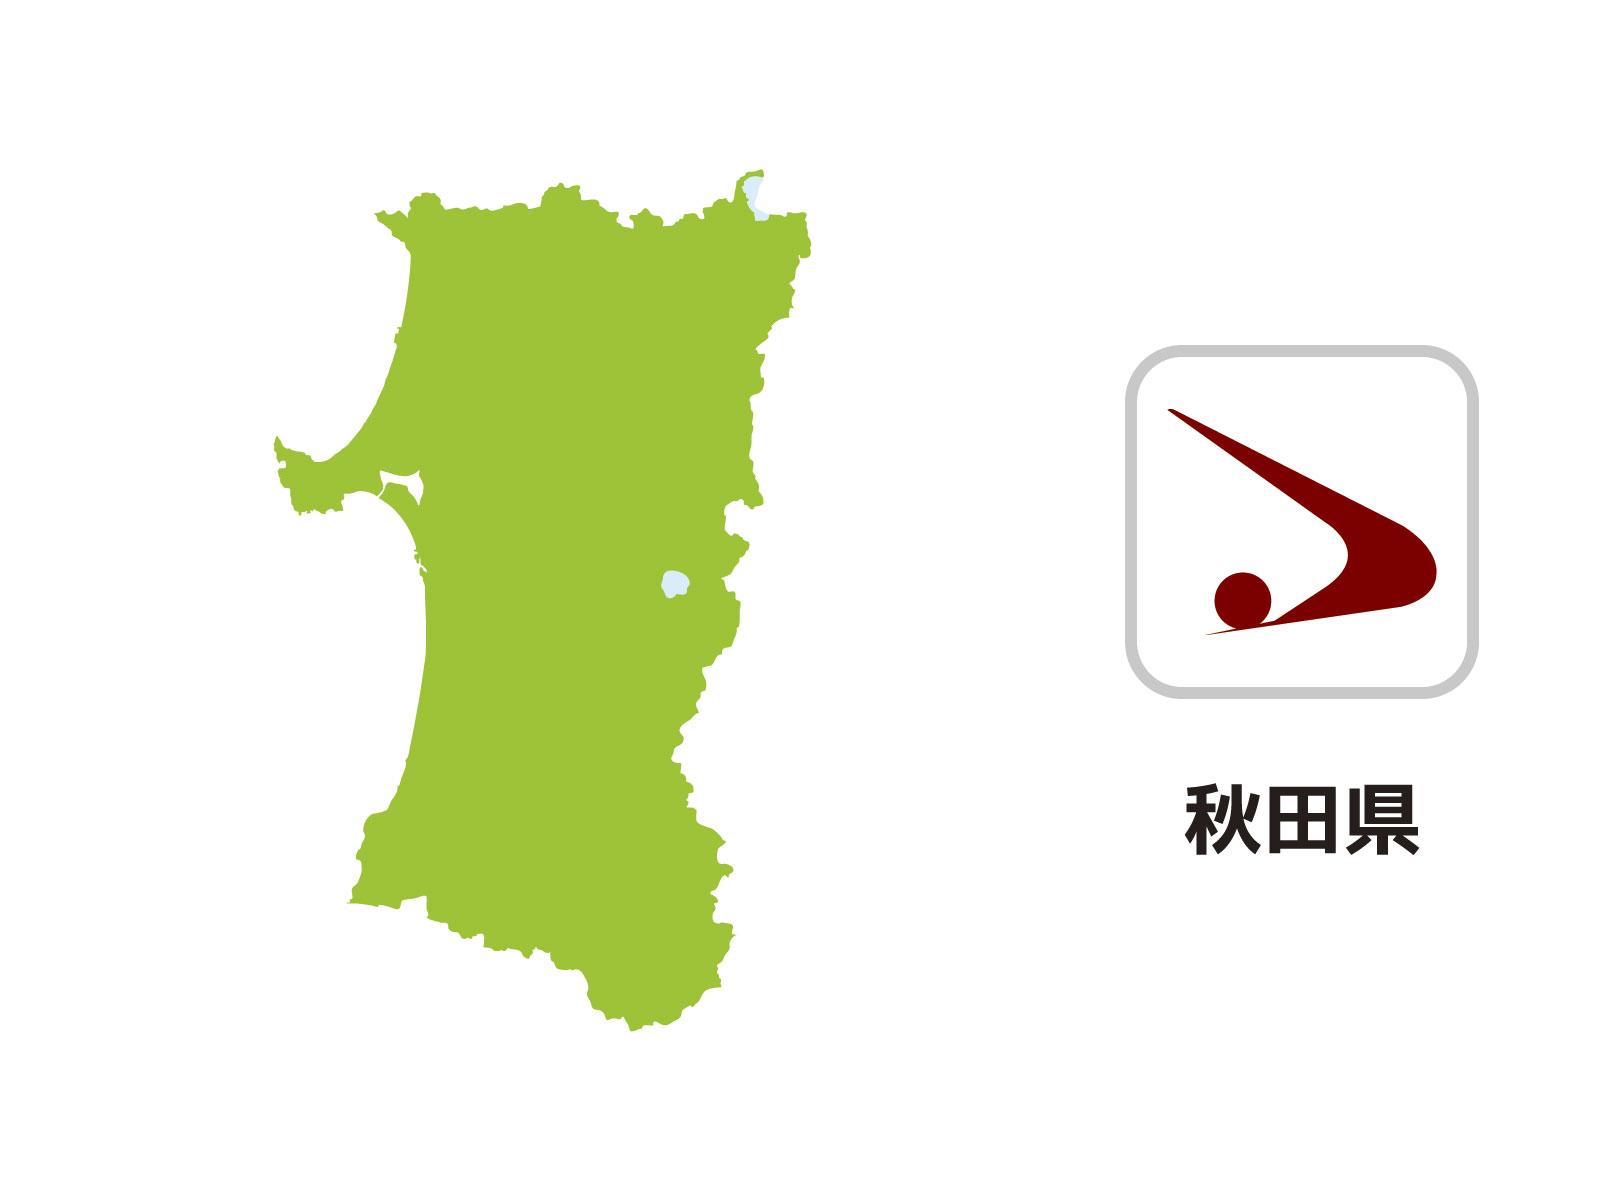 秋田県で債務整理(借金相談)を扱う弁護士・司法書士事務所一覧